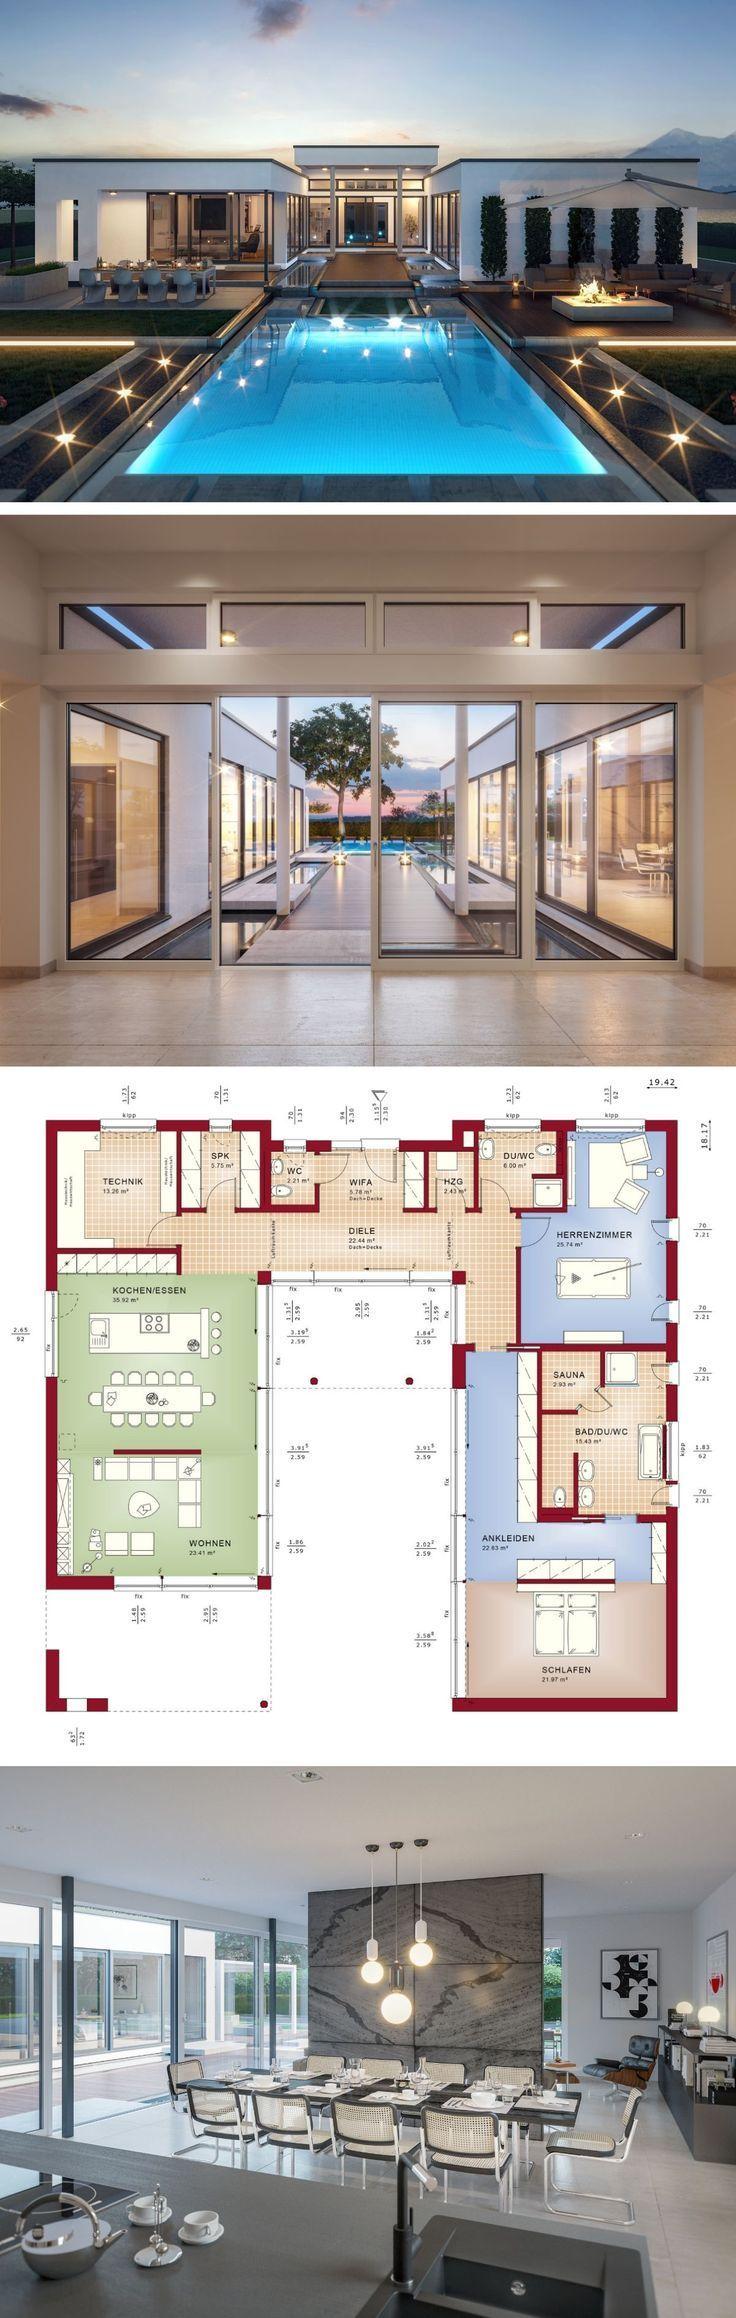 Bungalow Minimalist European Style Architecture De…